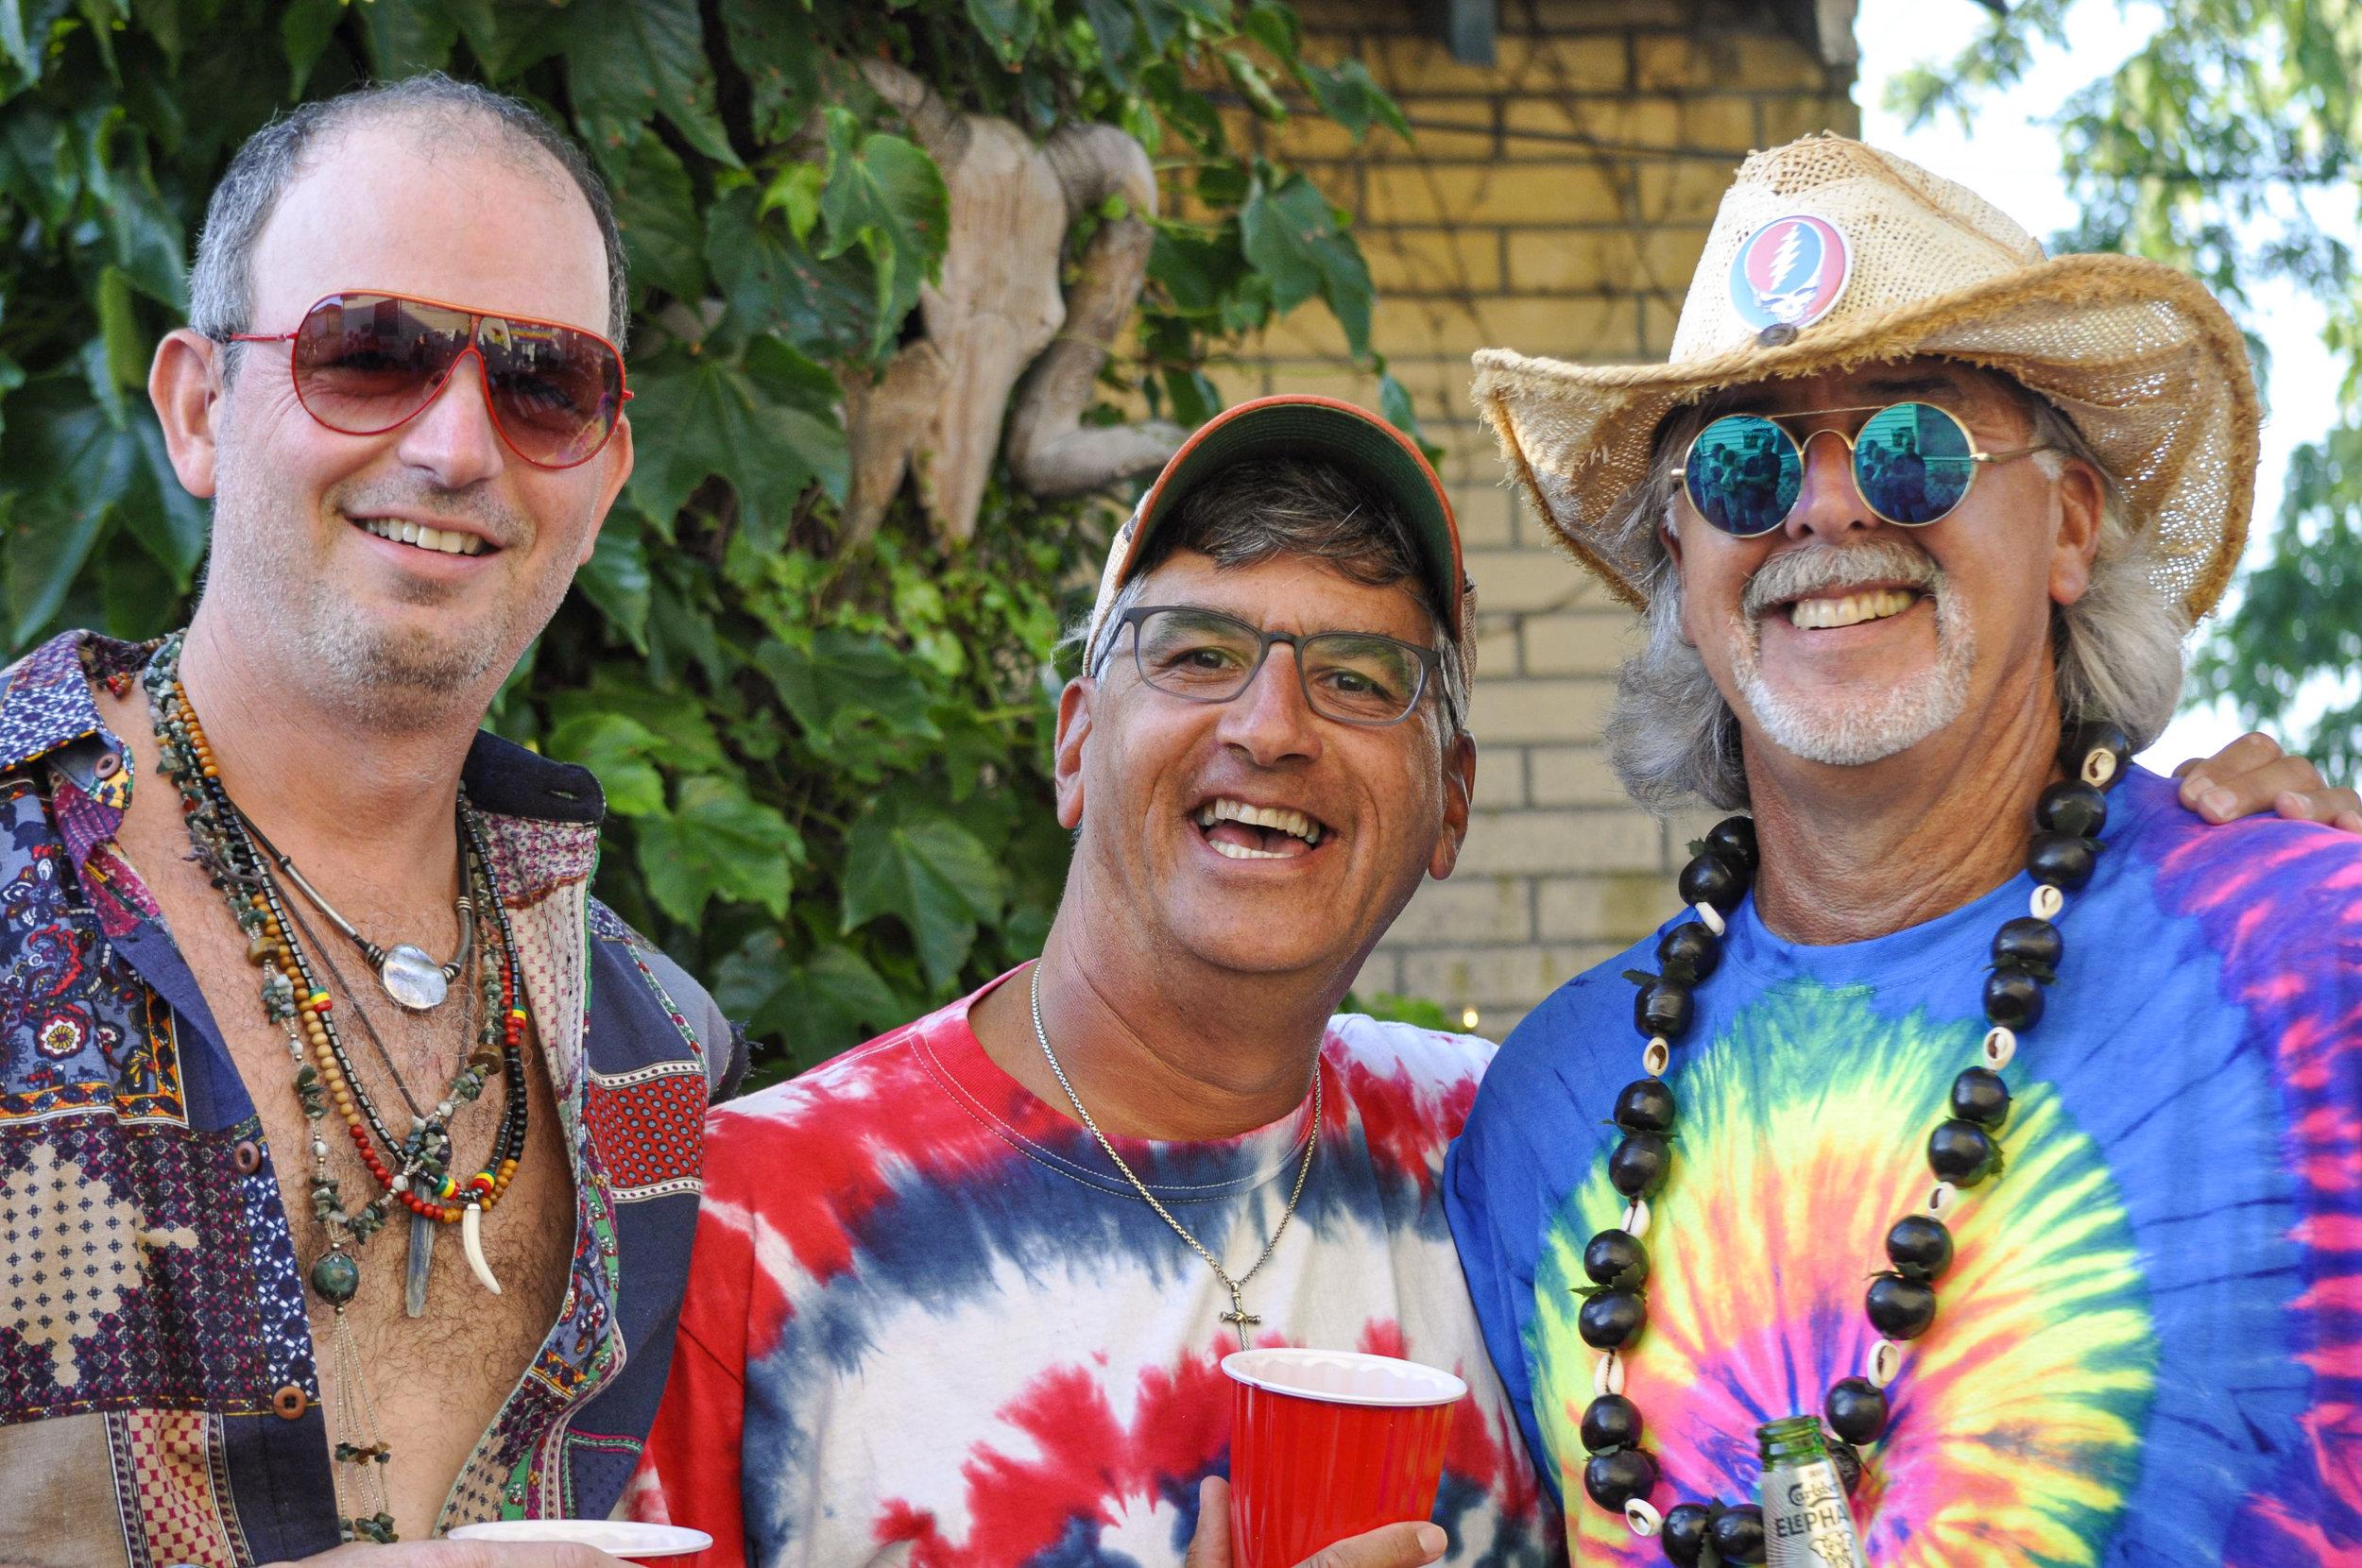 @ Woodstock 2019_Joel, John, Larry.jpg